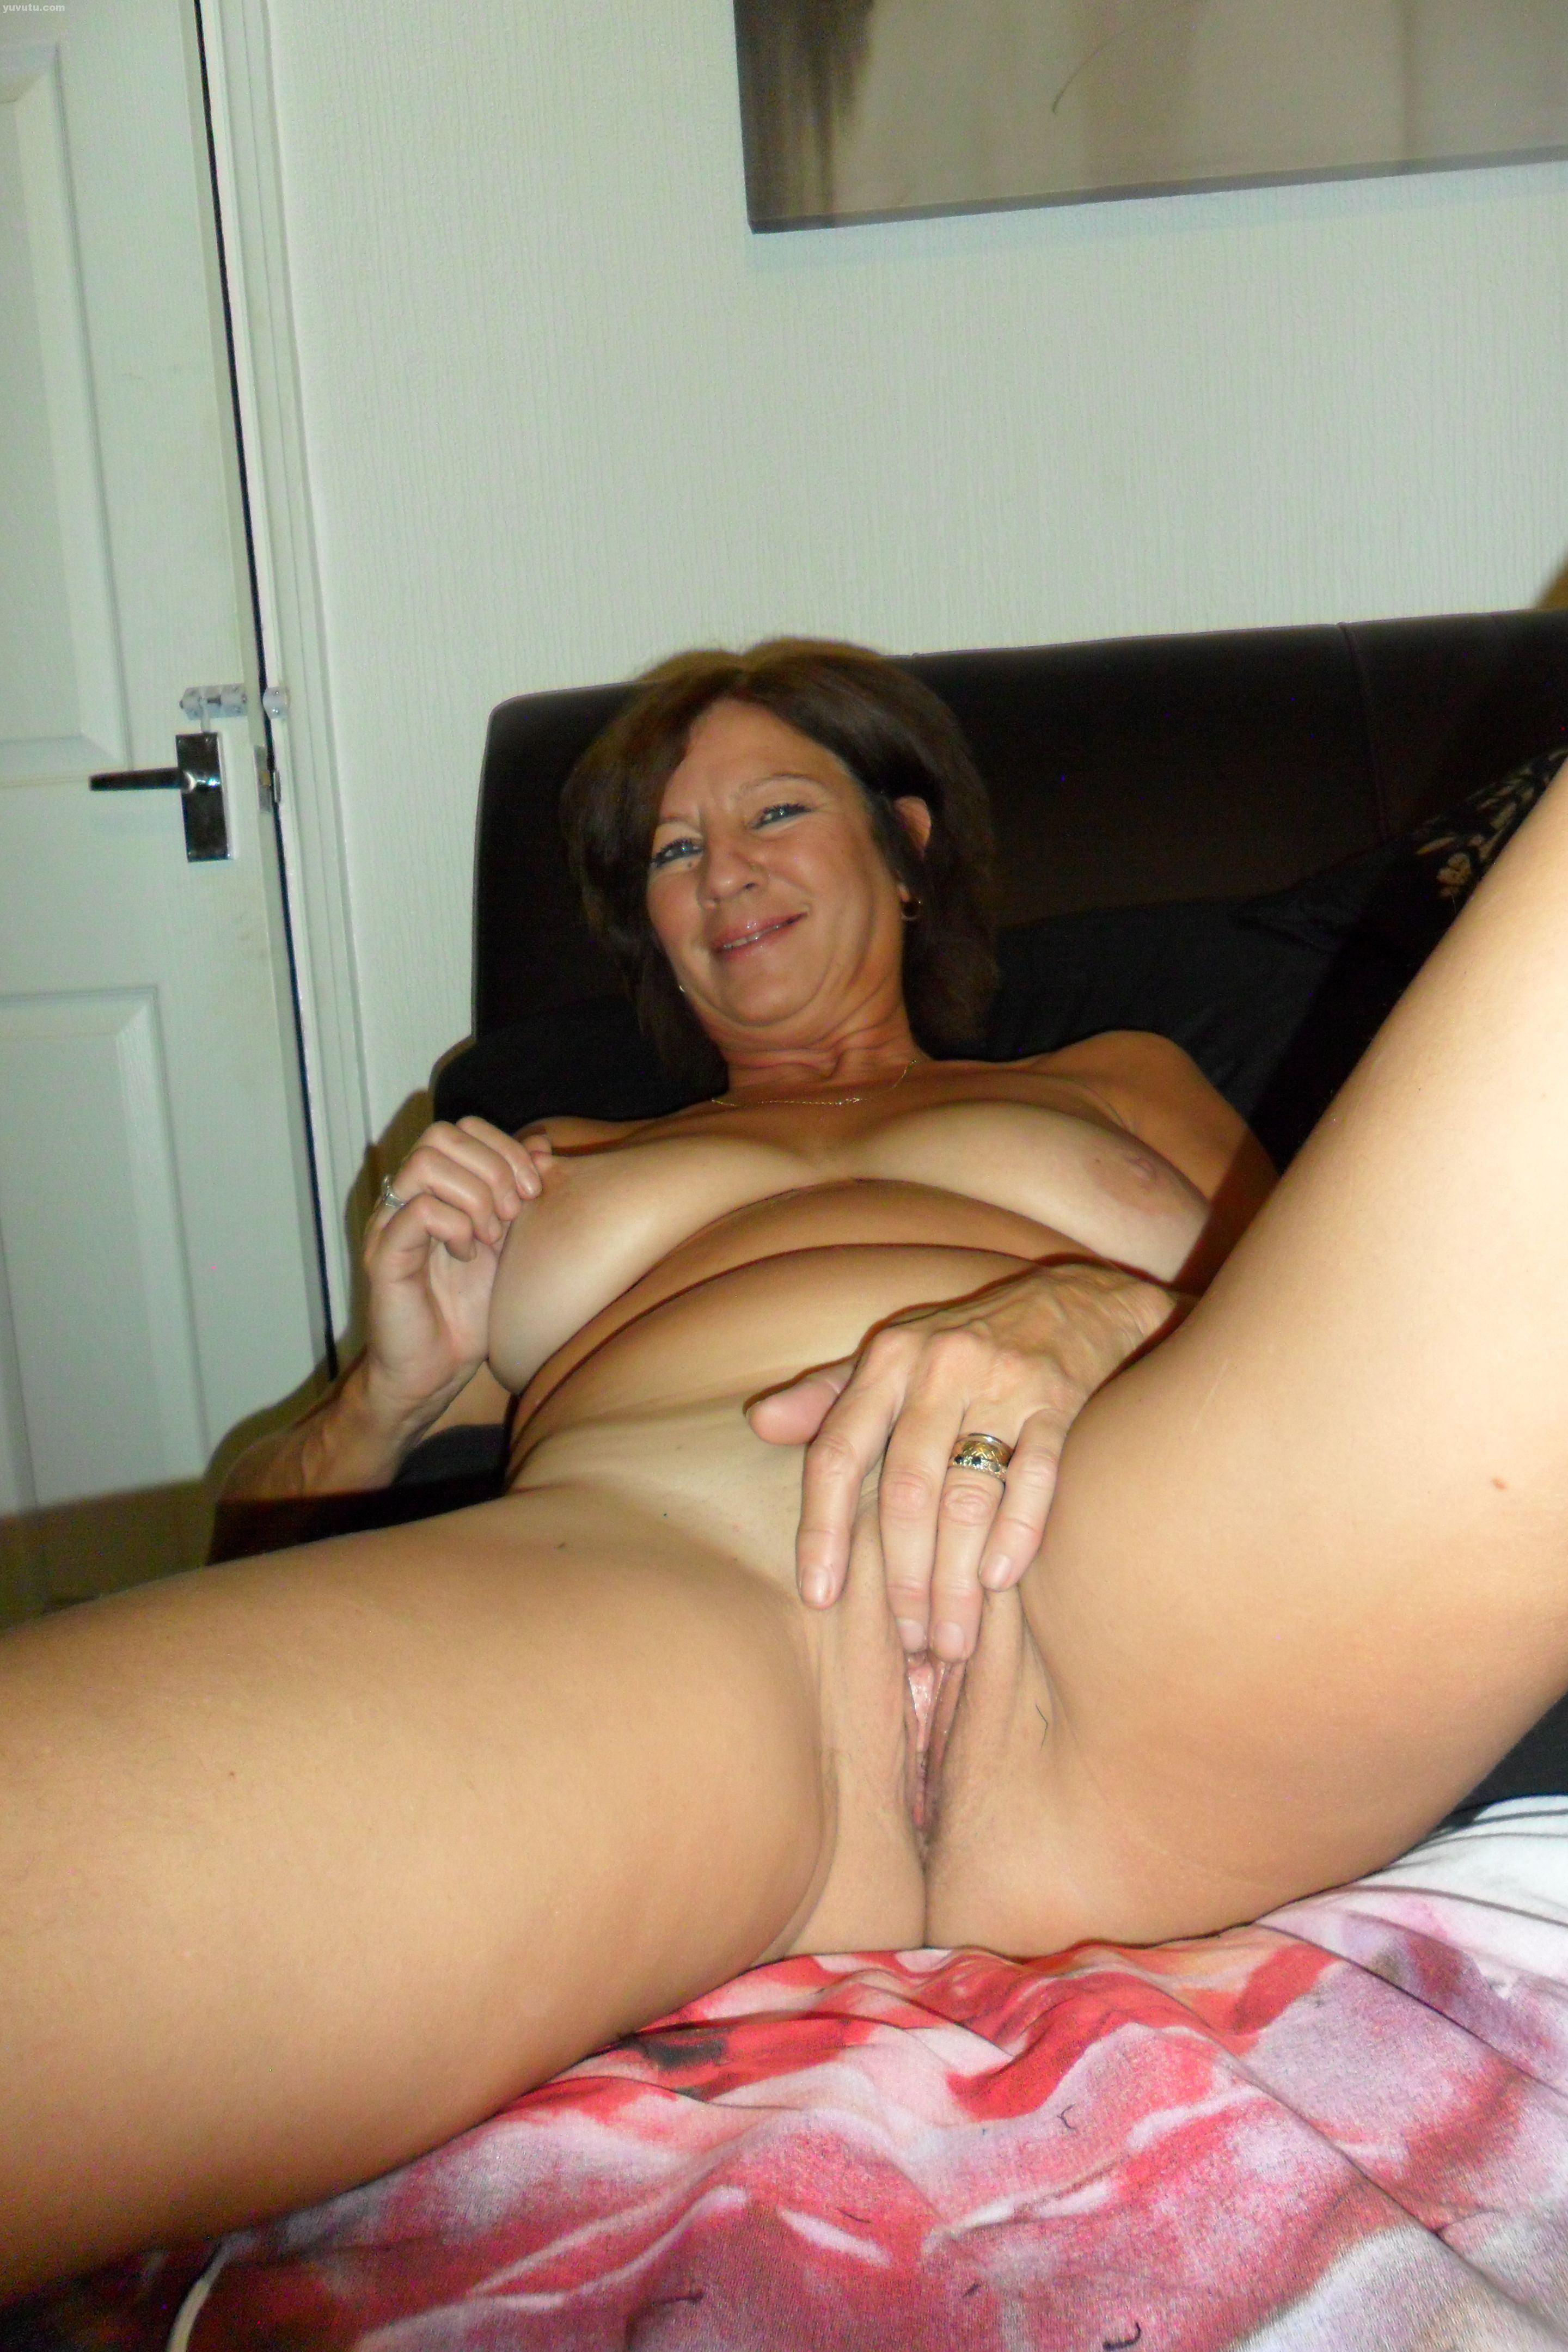 Free naked amateur milf women